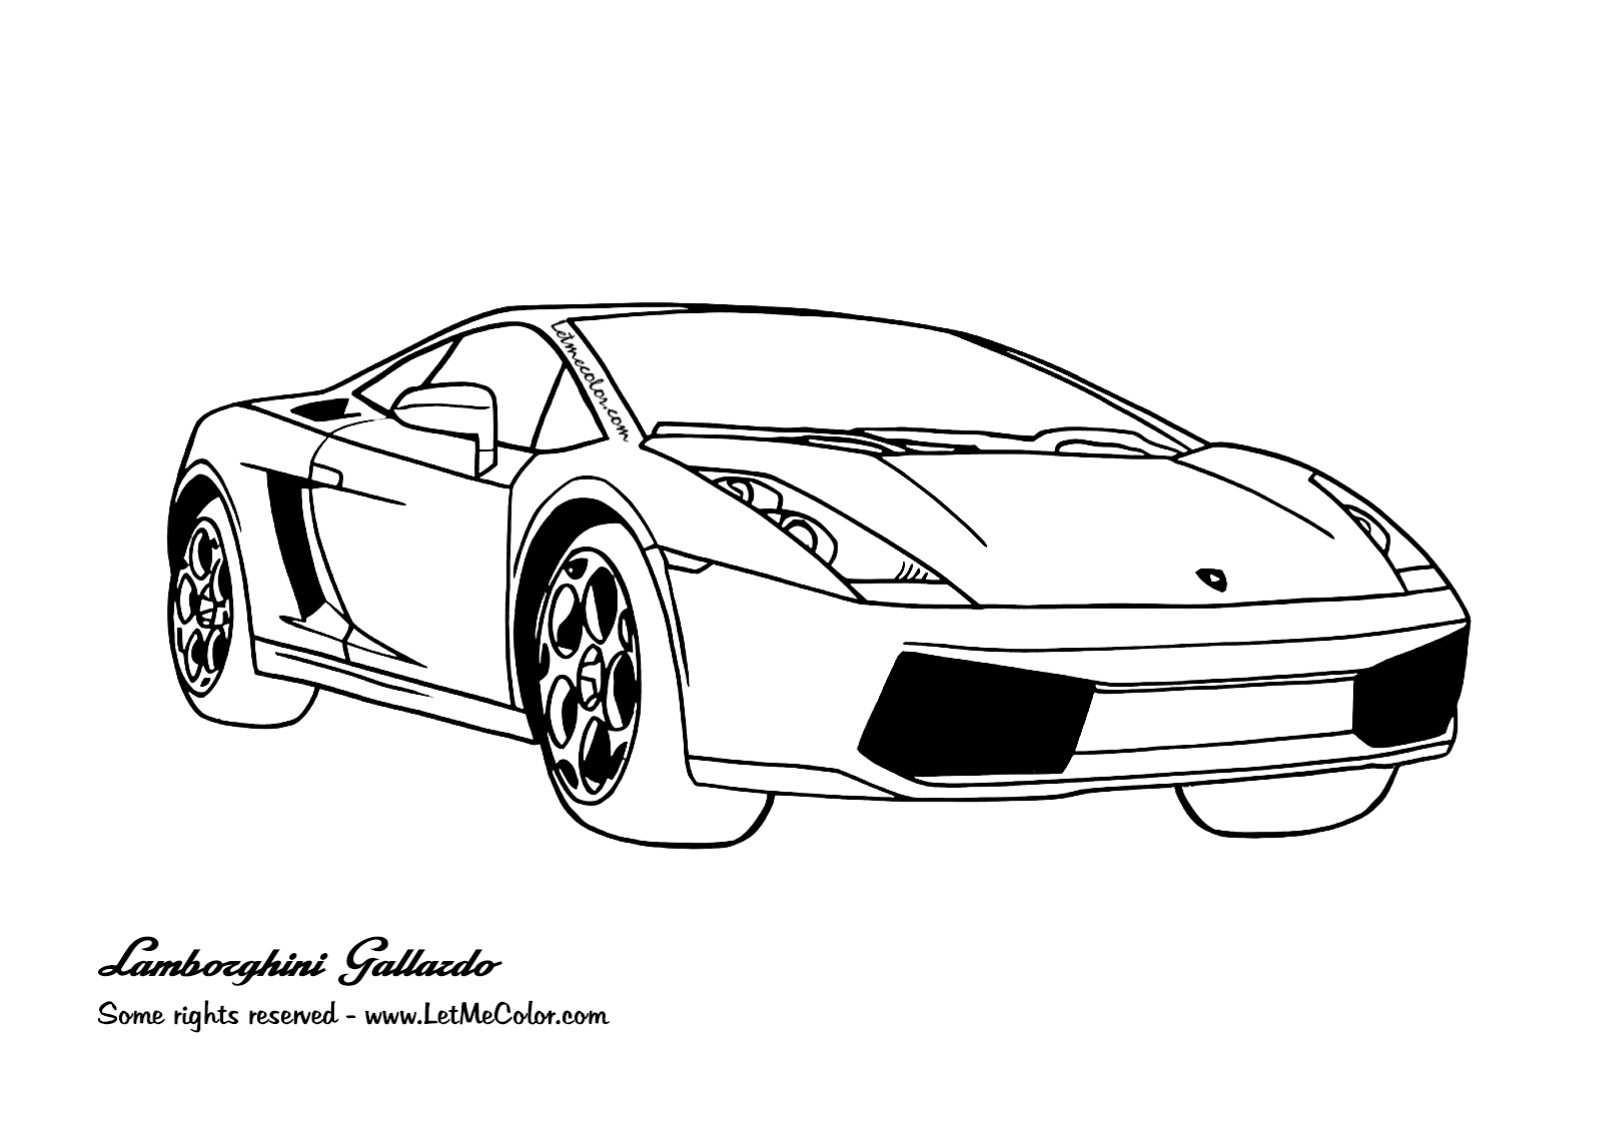 Ausmalbilder Autos Lamborghini Frisch Lamborghini Coloring Pages New Ausmalbild Auto Verschiedene Bilder Bilder